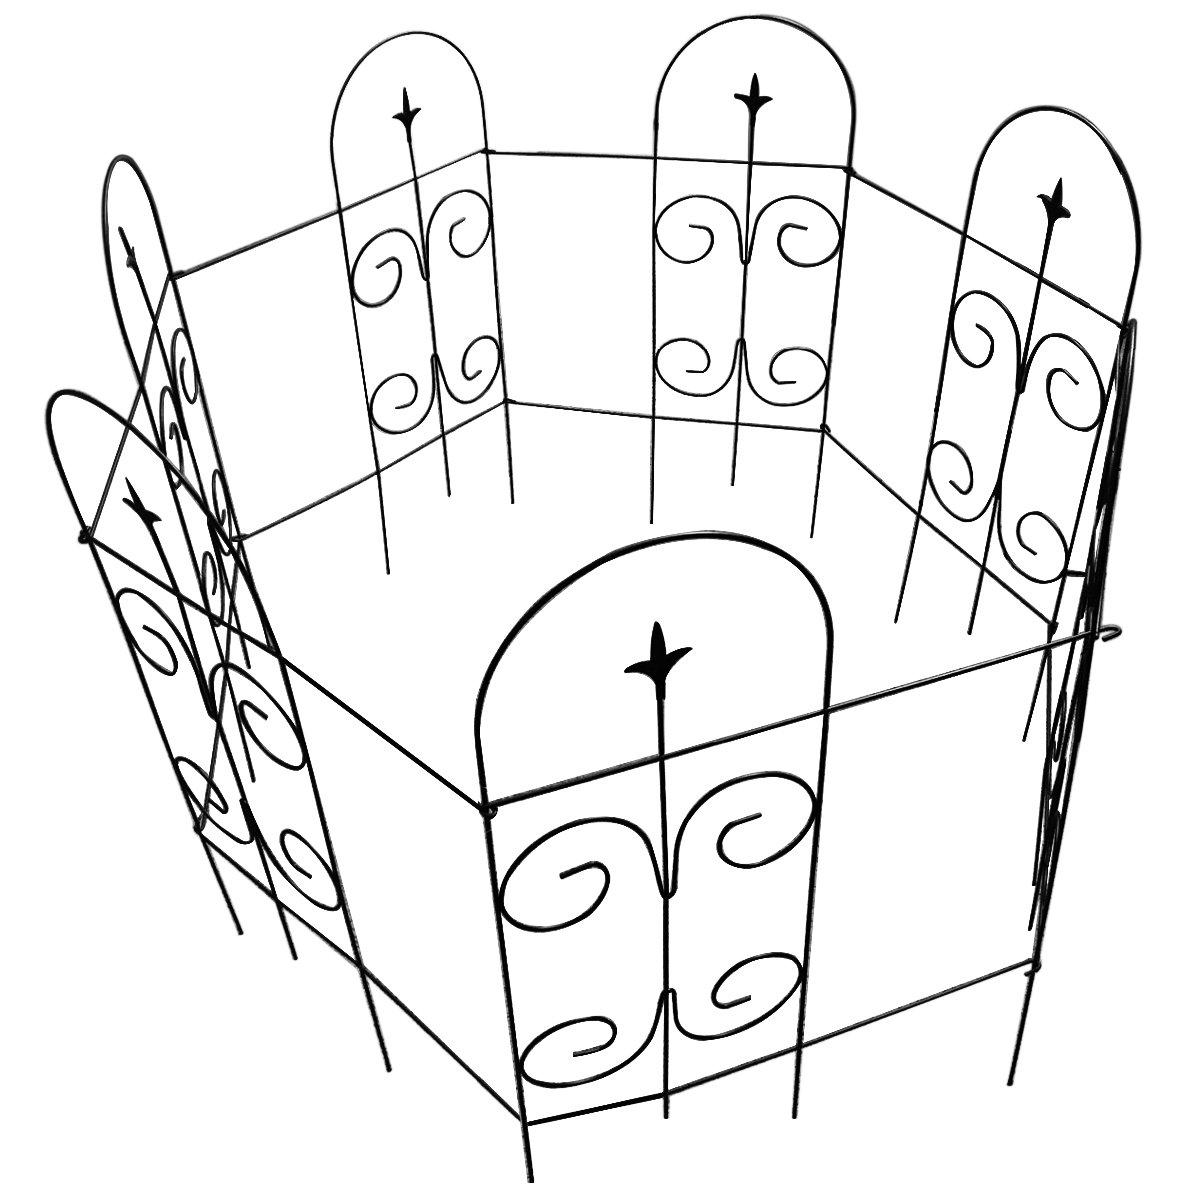 Buy Amagabeli Decorative Garden Fence 32in x 12ft Fencing Rustproof ...